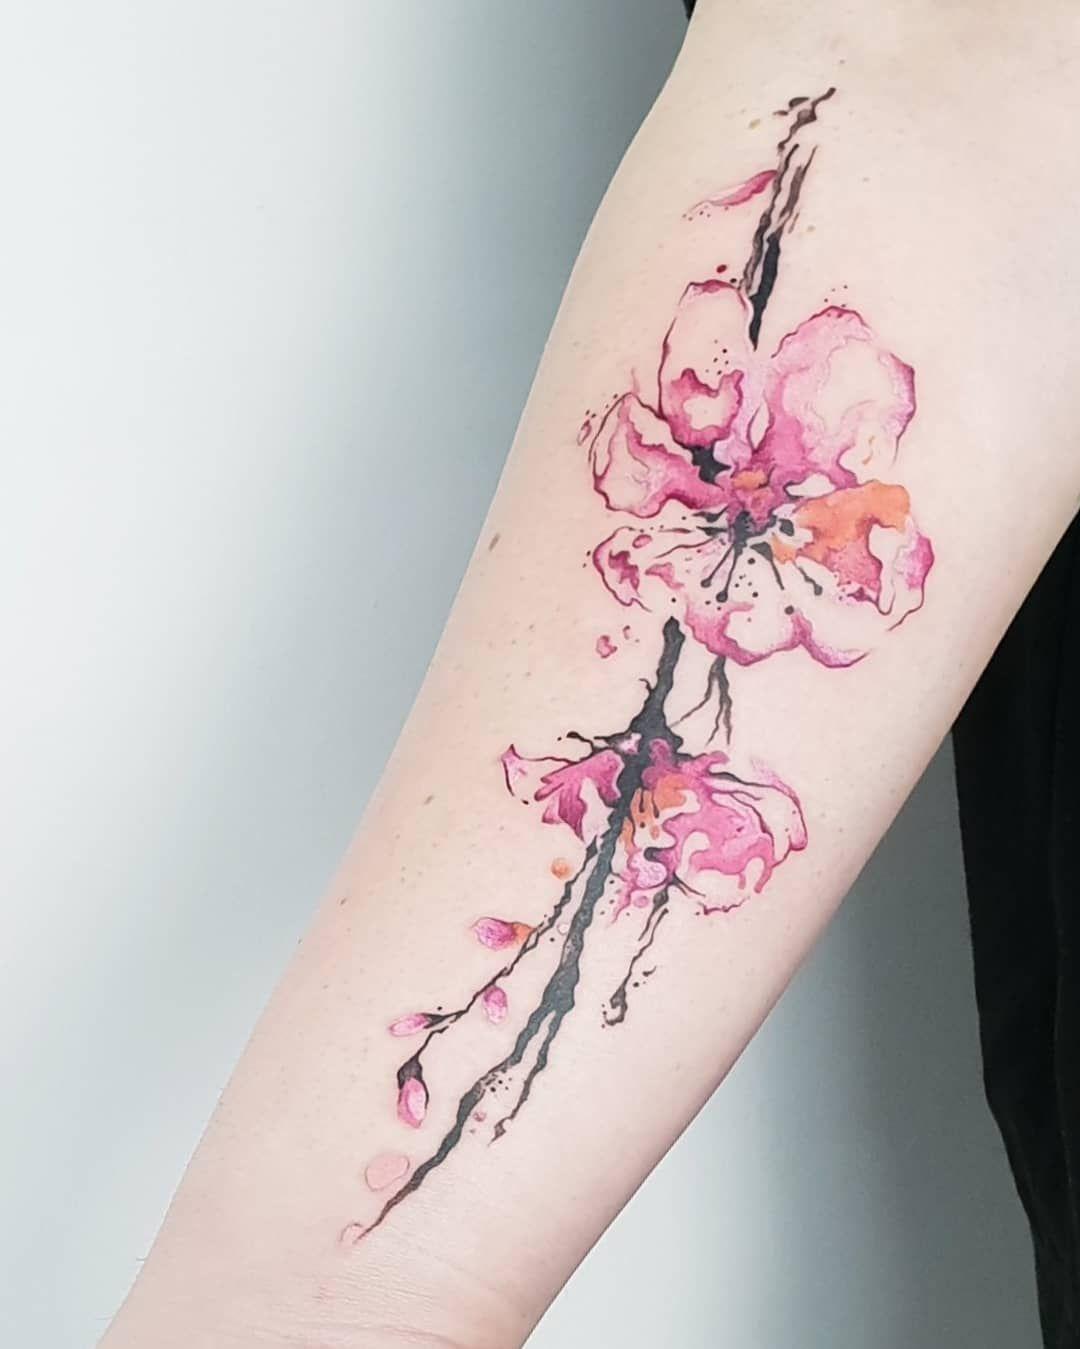 Kirschbluten Tattoo Bedeutung Bilder Zum Motiv Desired De